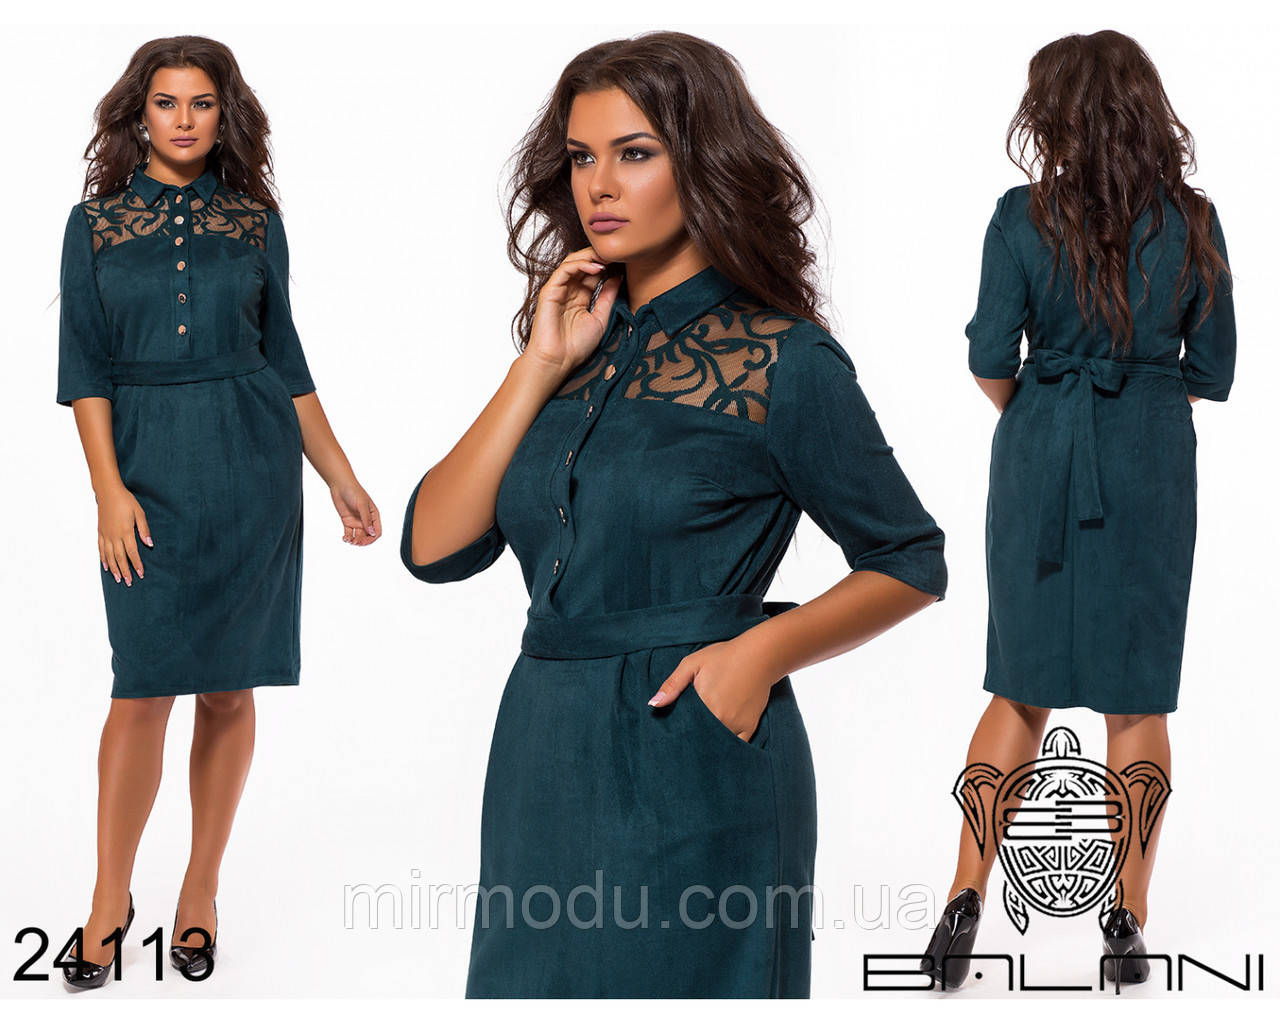 Платье - 24113 с 50 по 54  размер (бн)